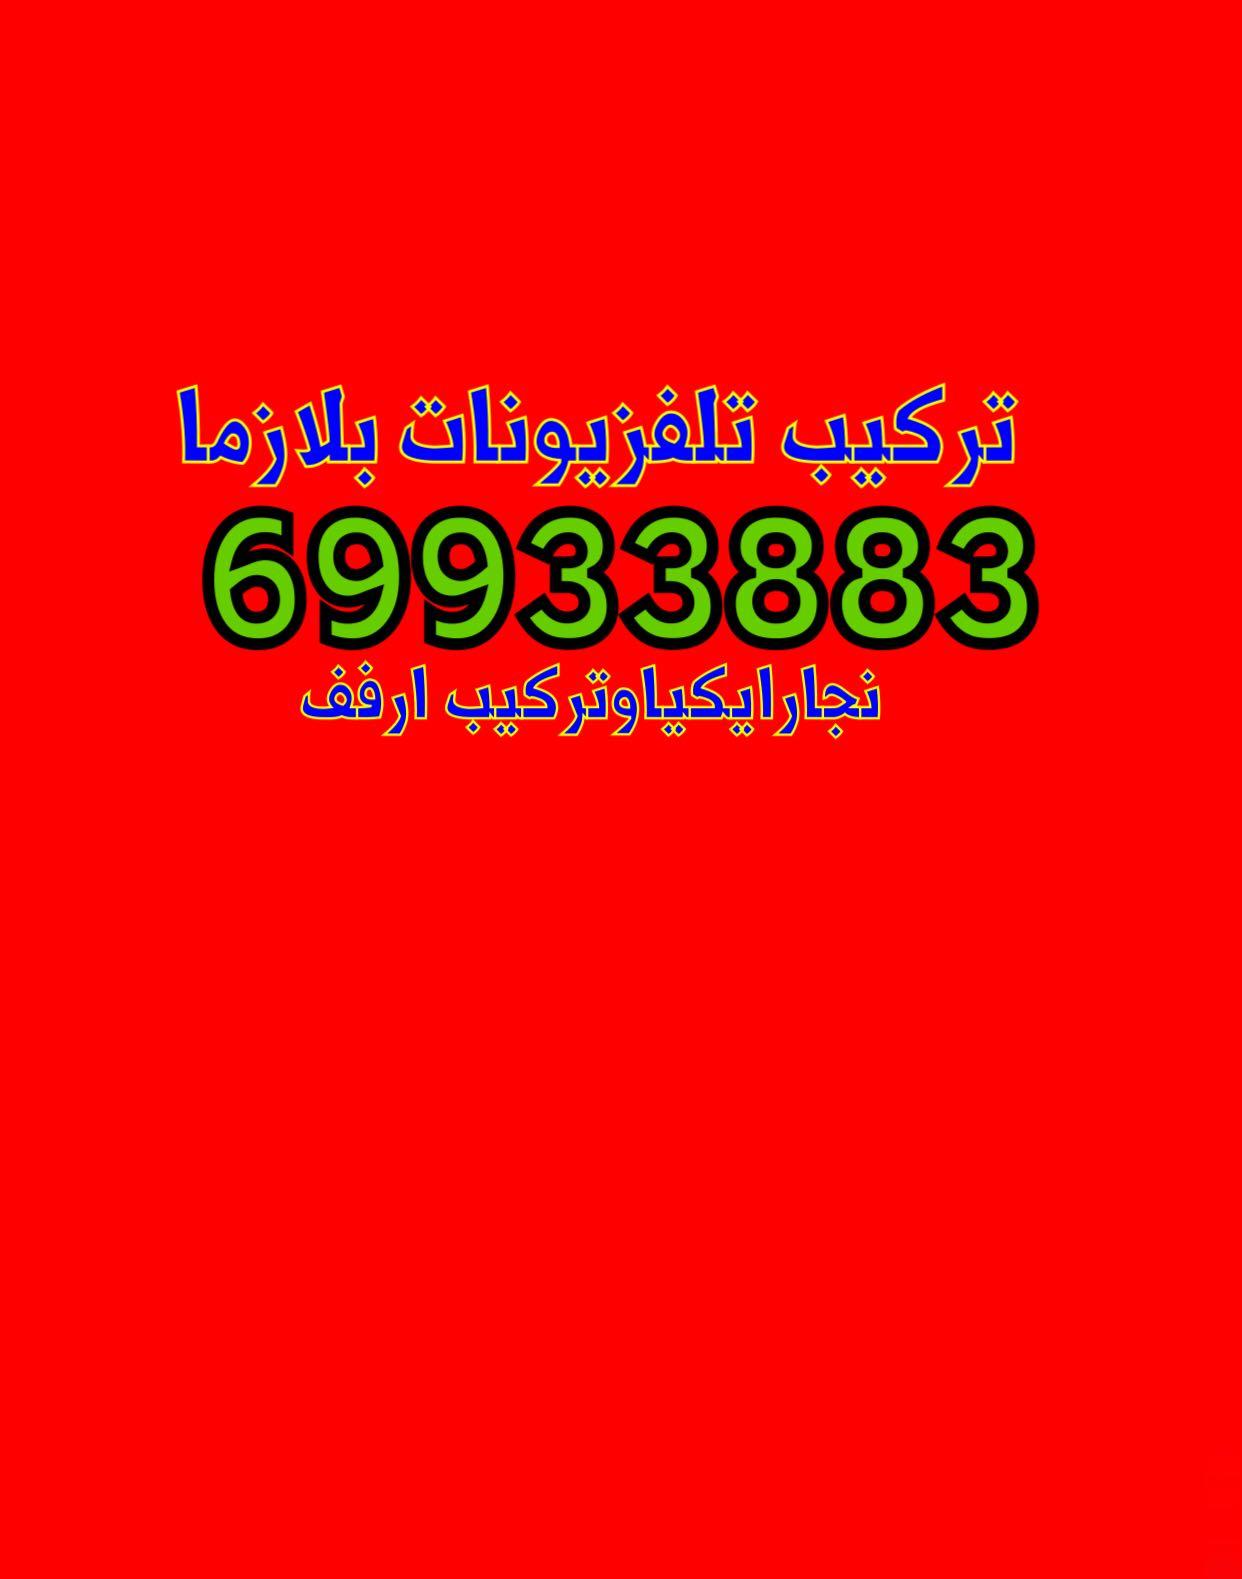 تركيب تلفزيونات وارفف69933883